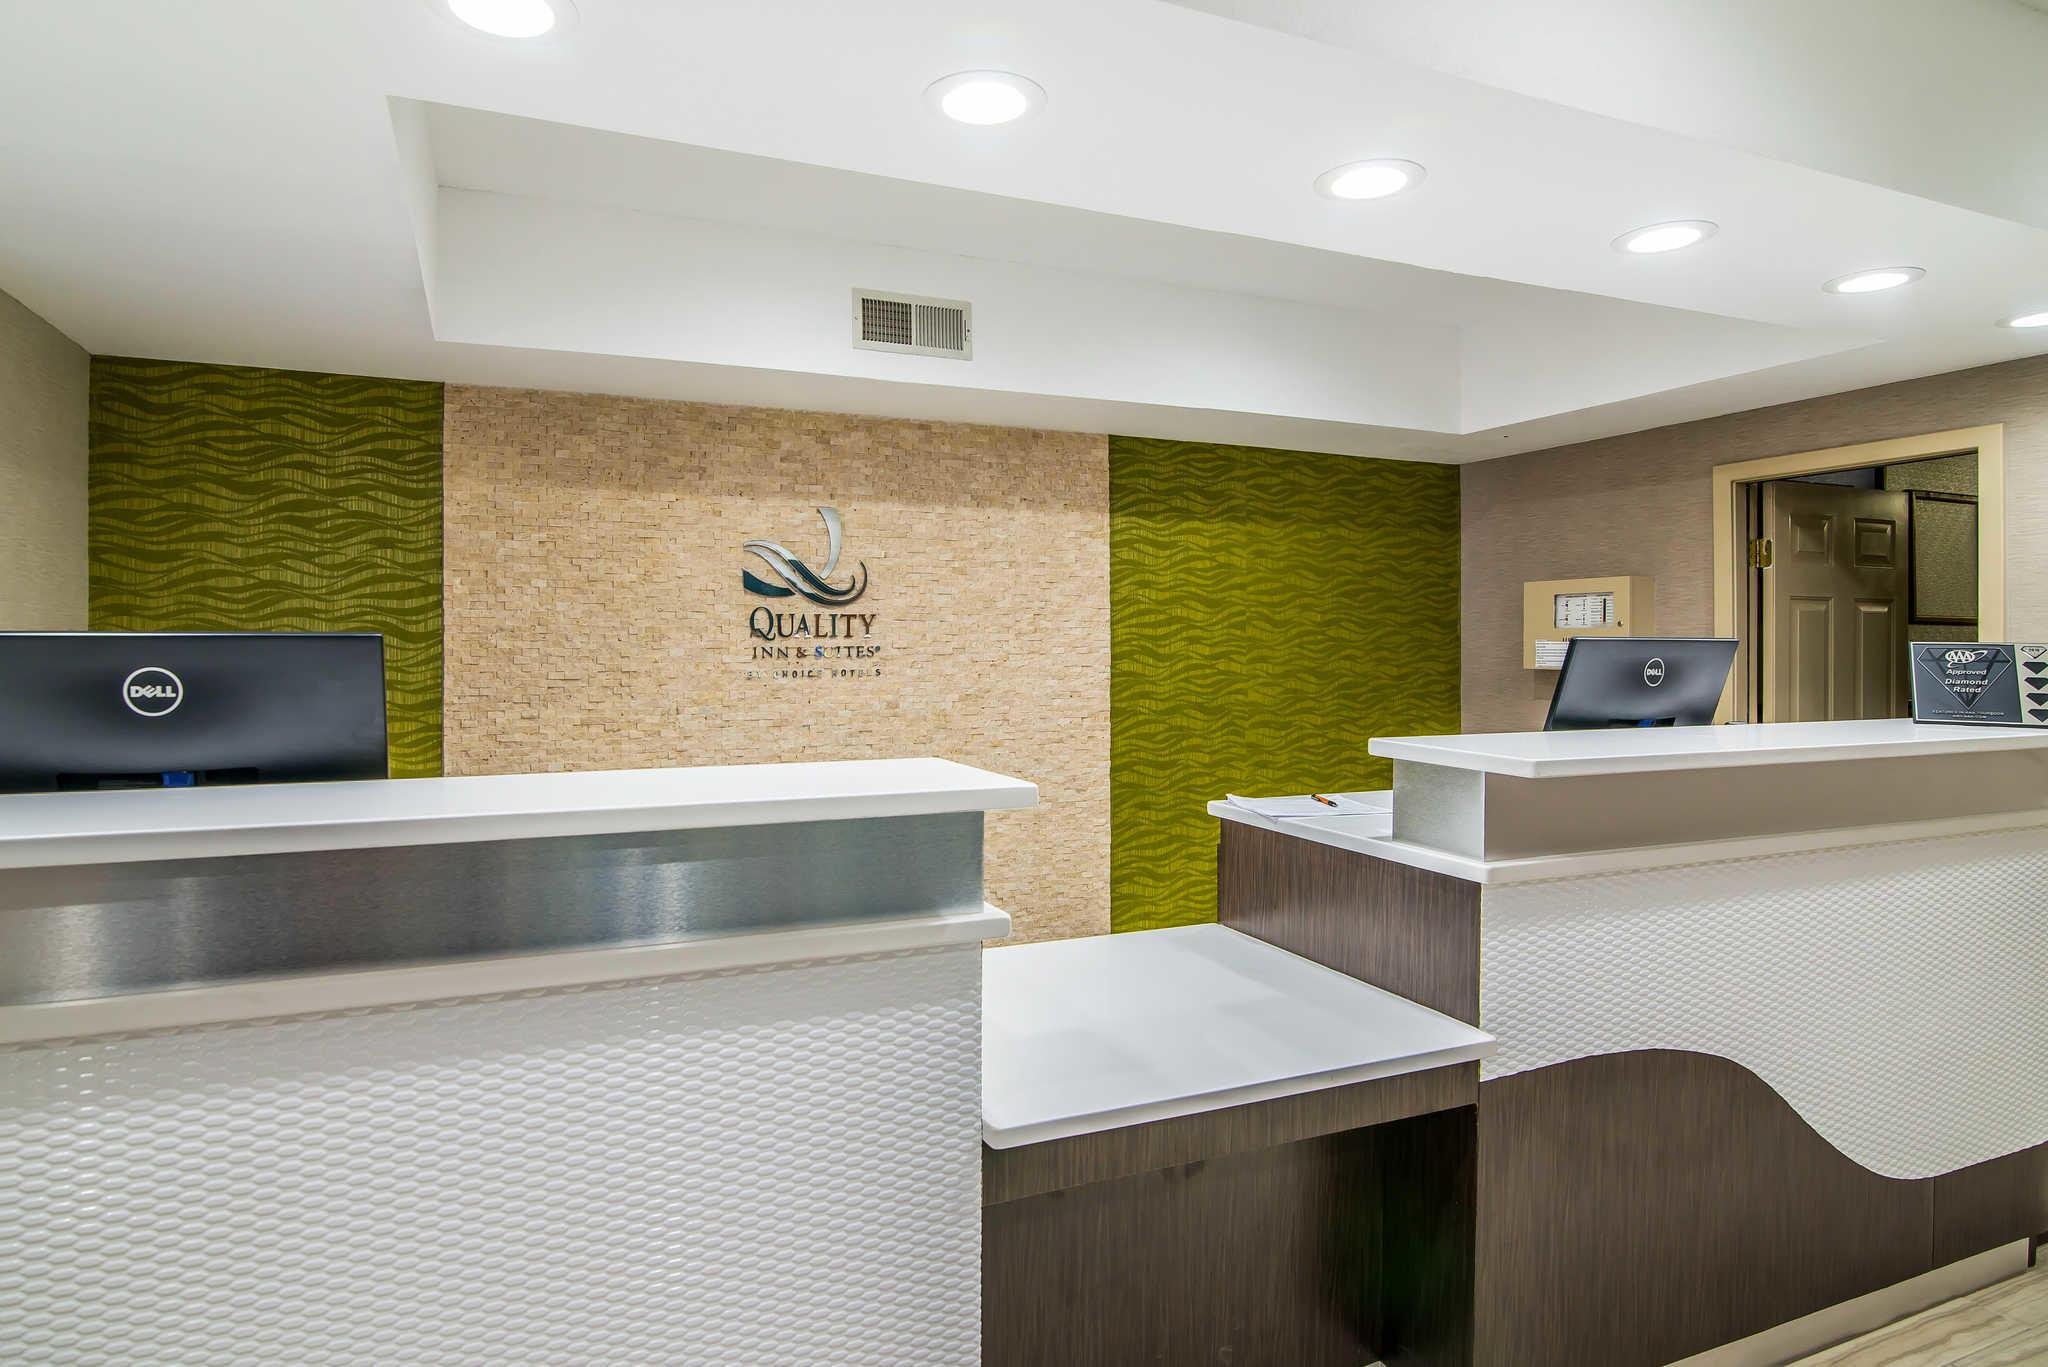 Quality Inn Suites Kind Bed Effiency Suite